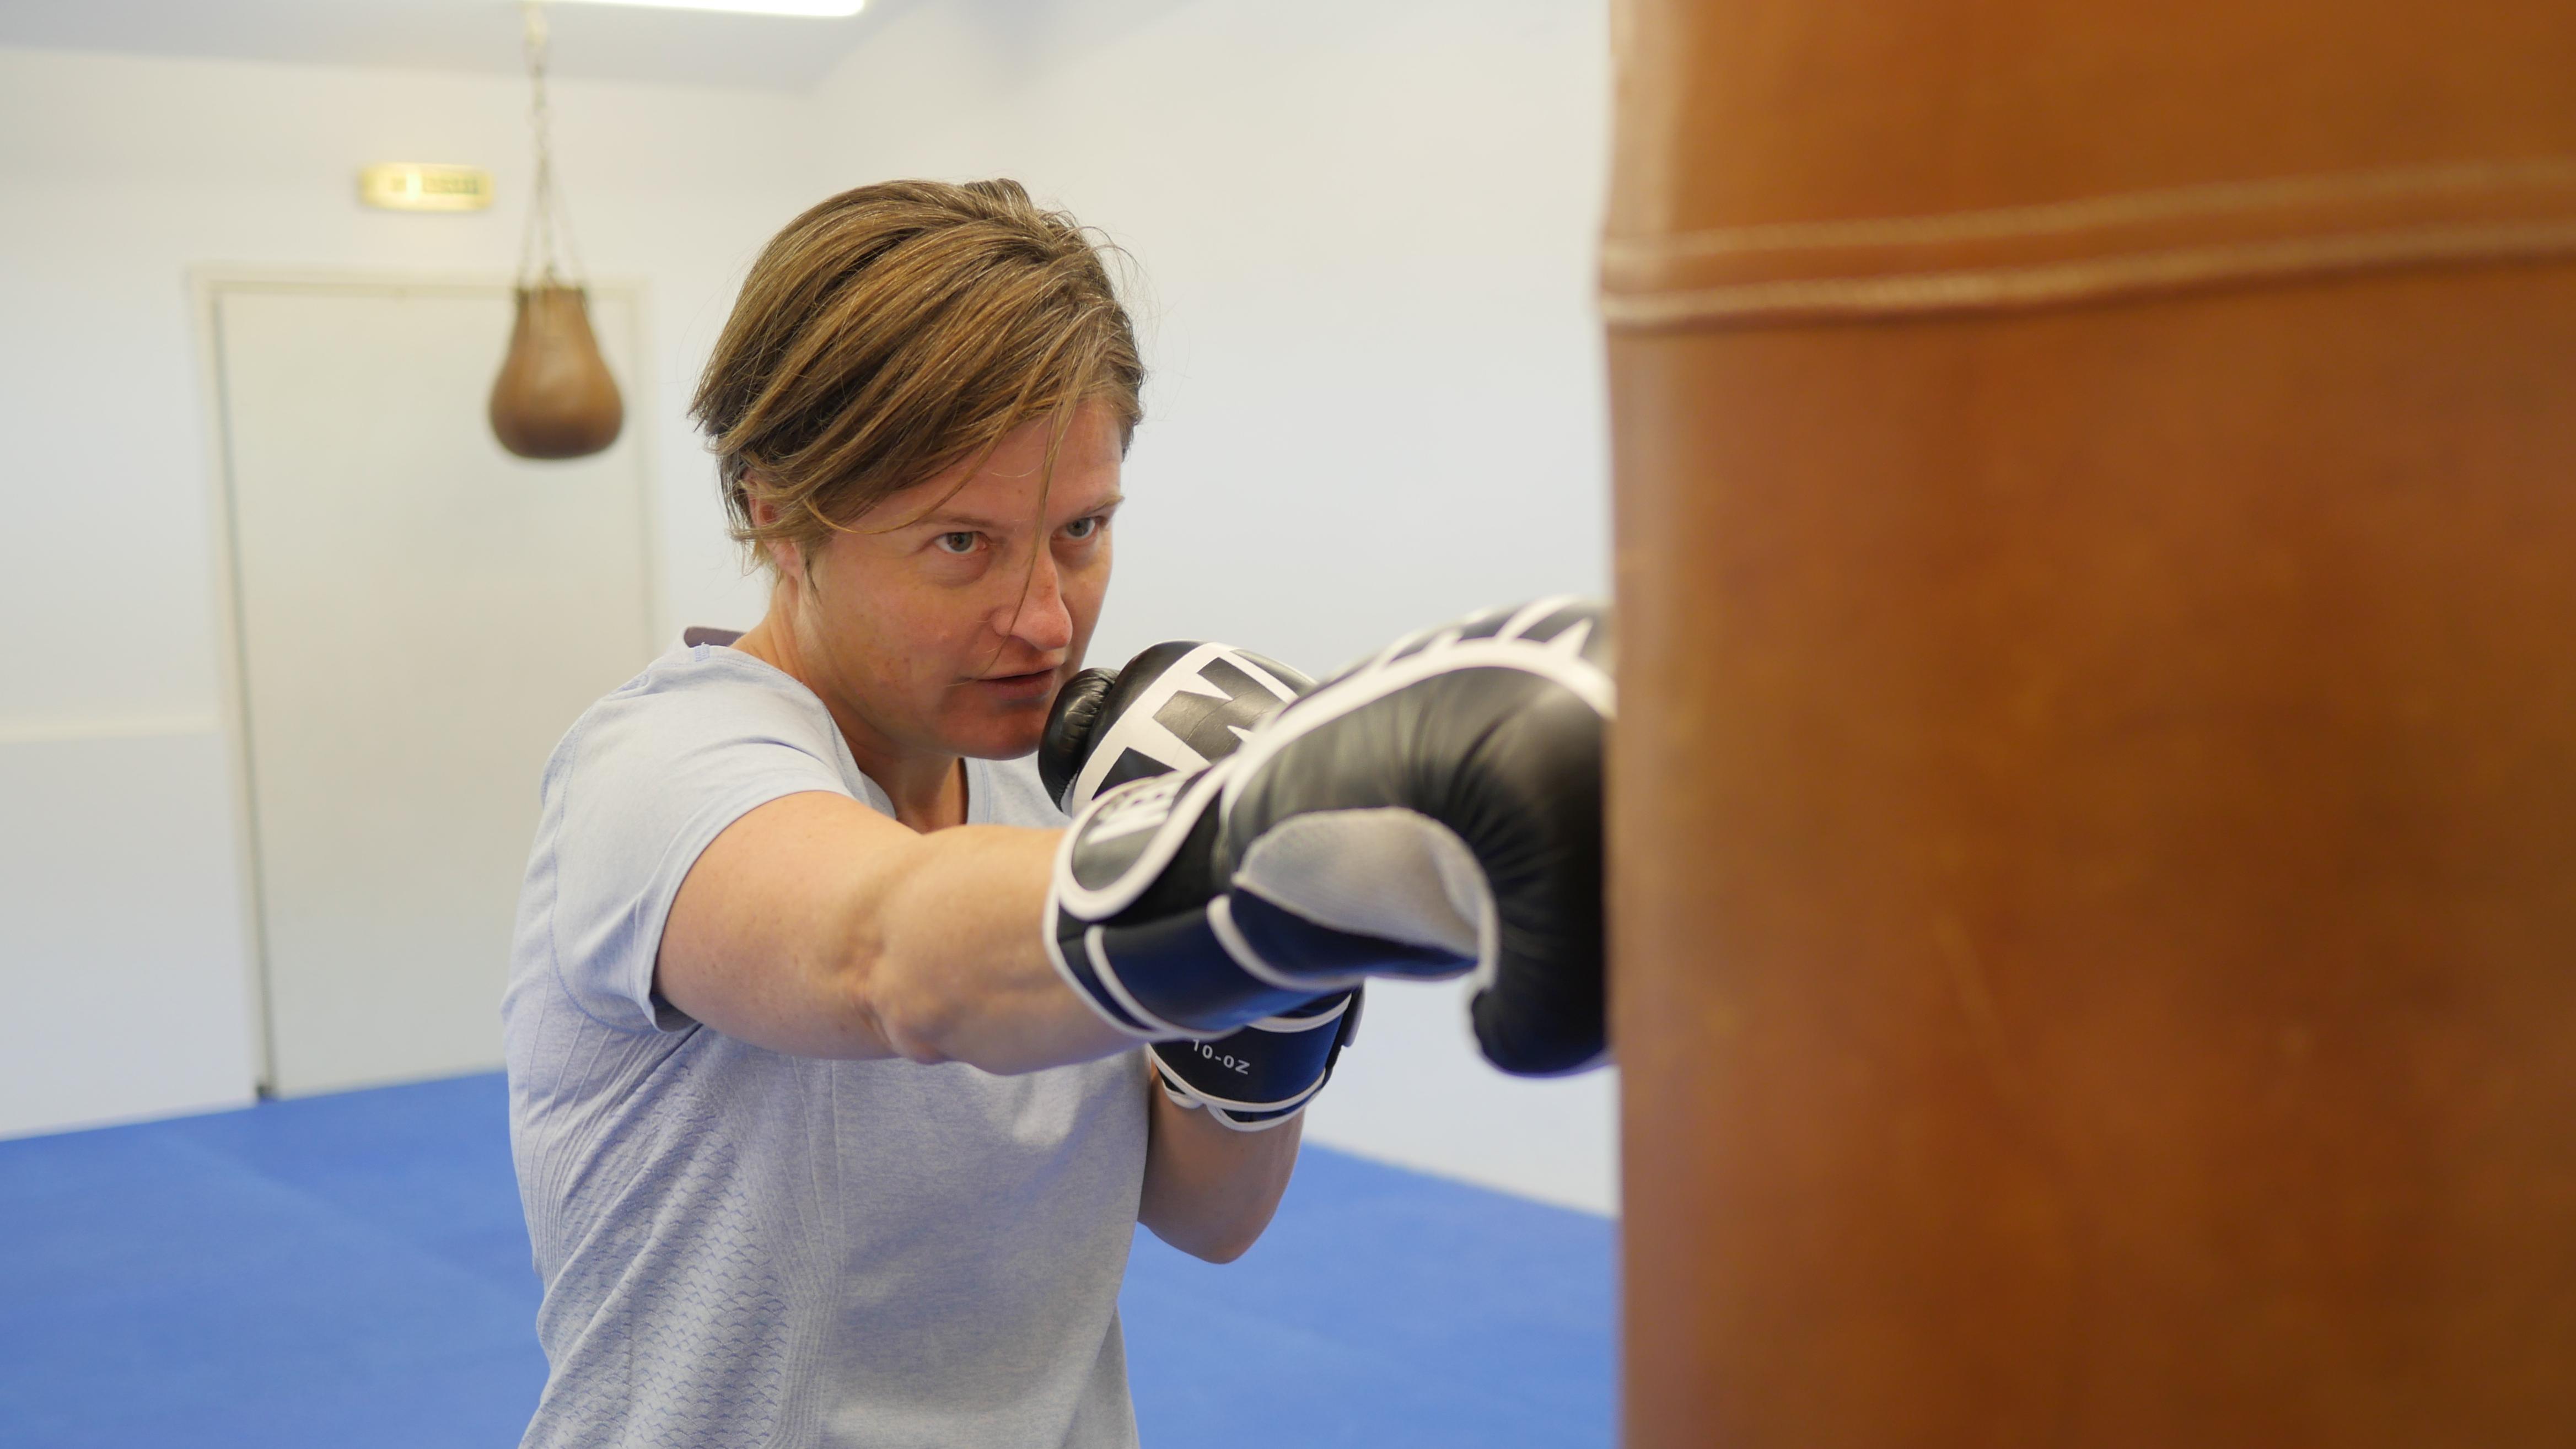 Trainiere deine innere (Führungs)Stärke